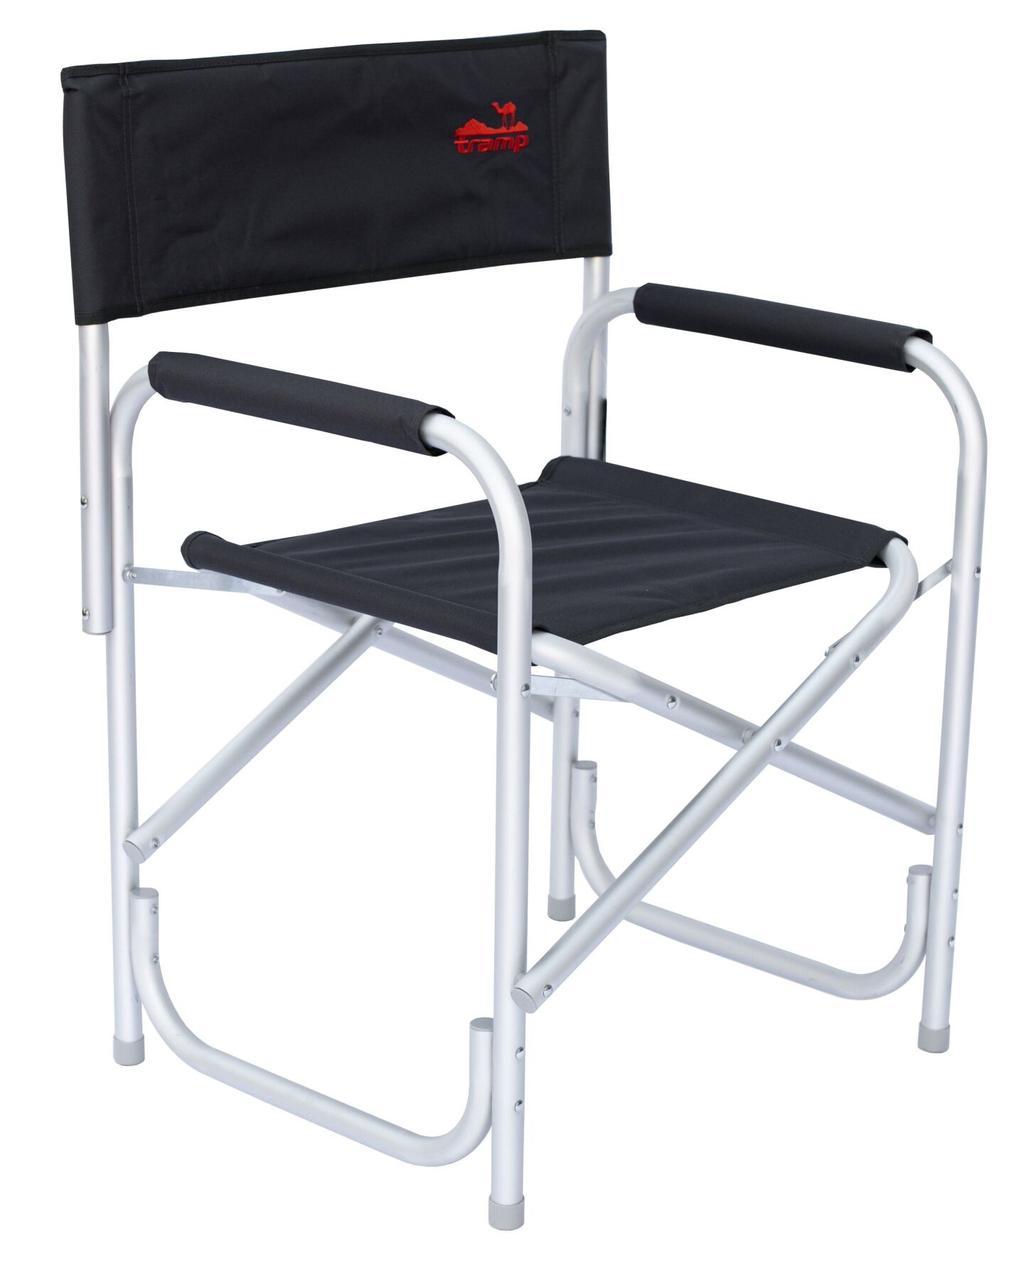 Директорський стілець Tramp TRF-001. Крісло складне режисерське. Кресло складное для рыбалки и туризма